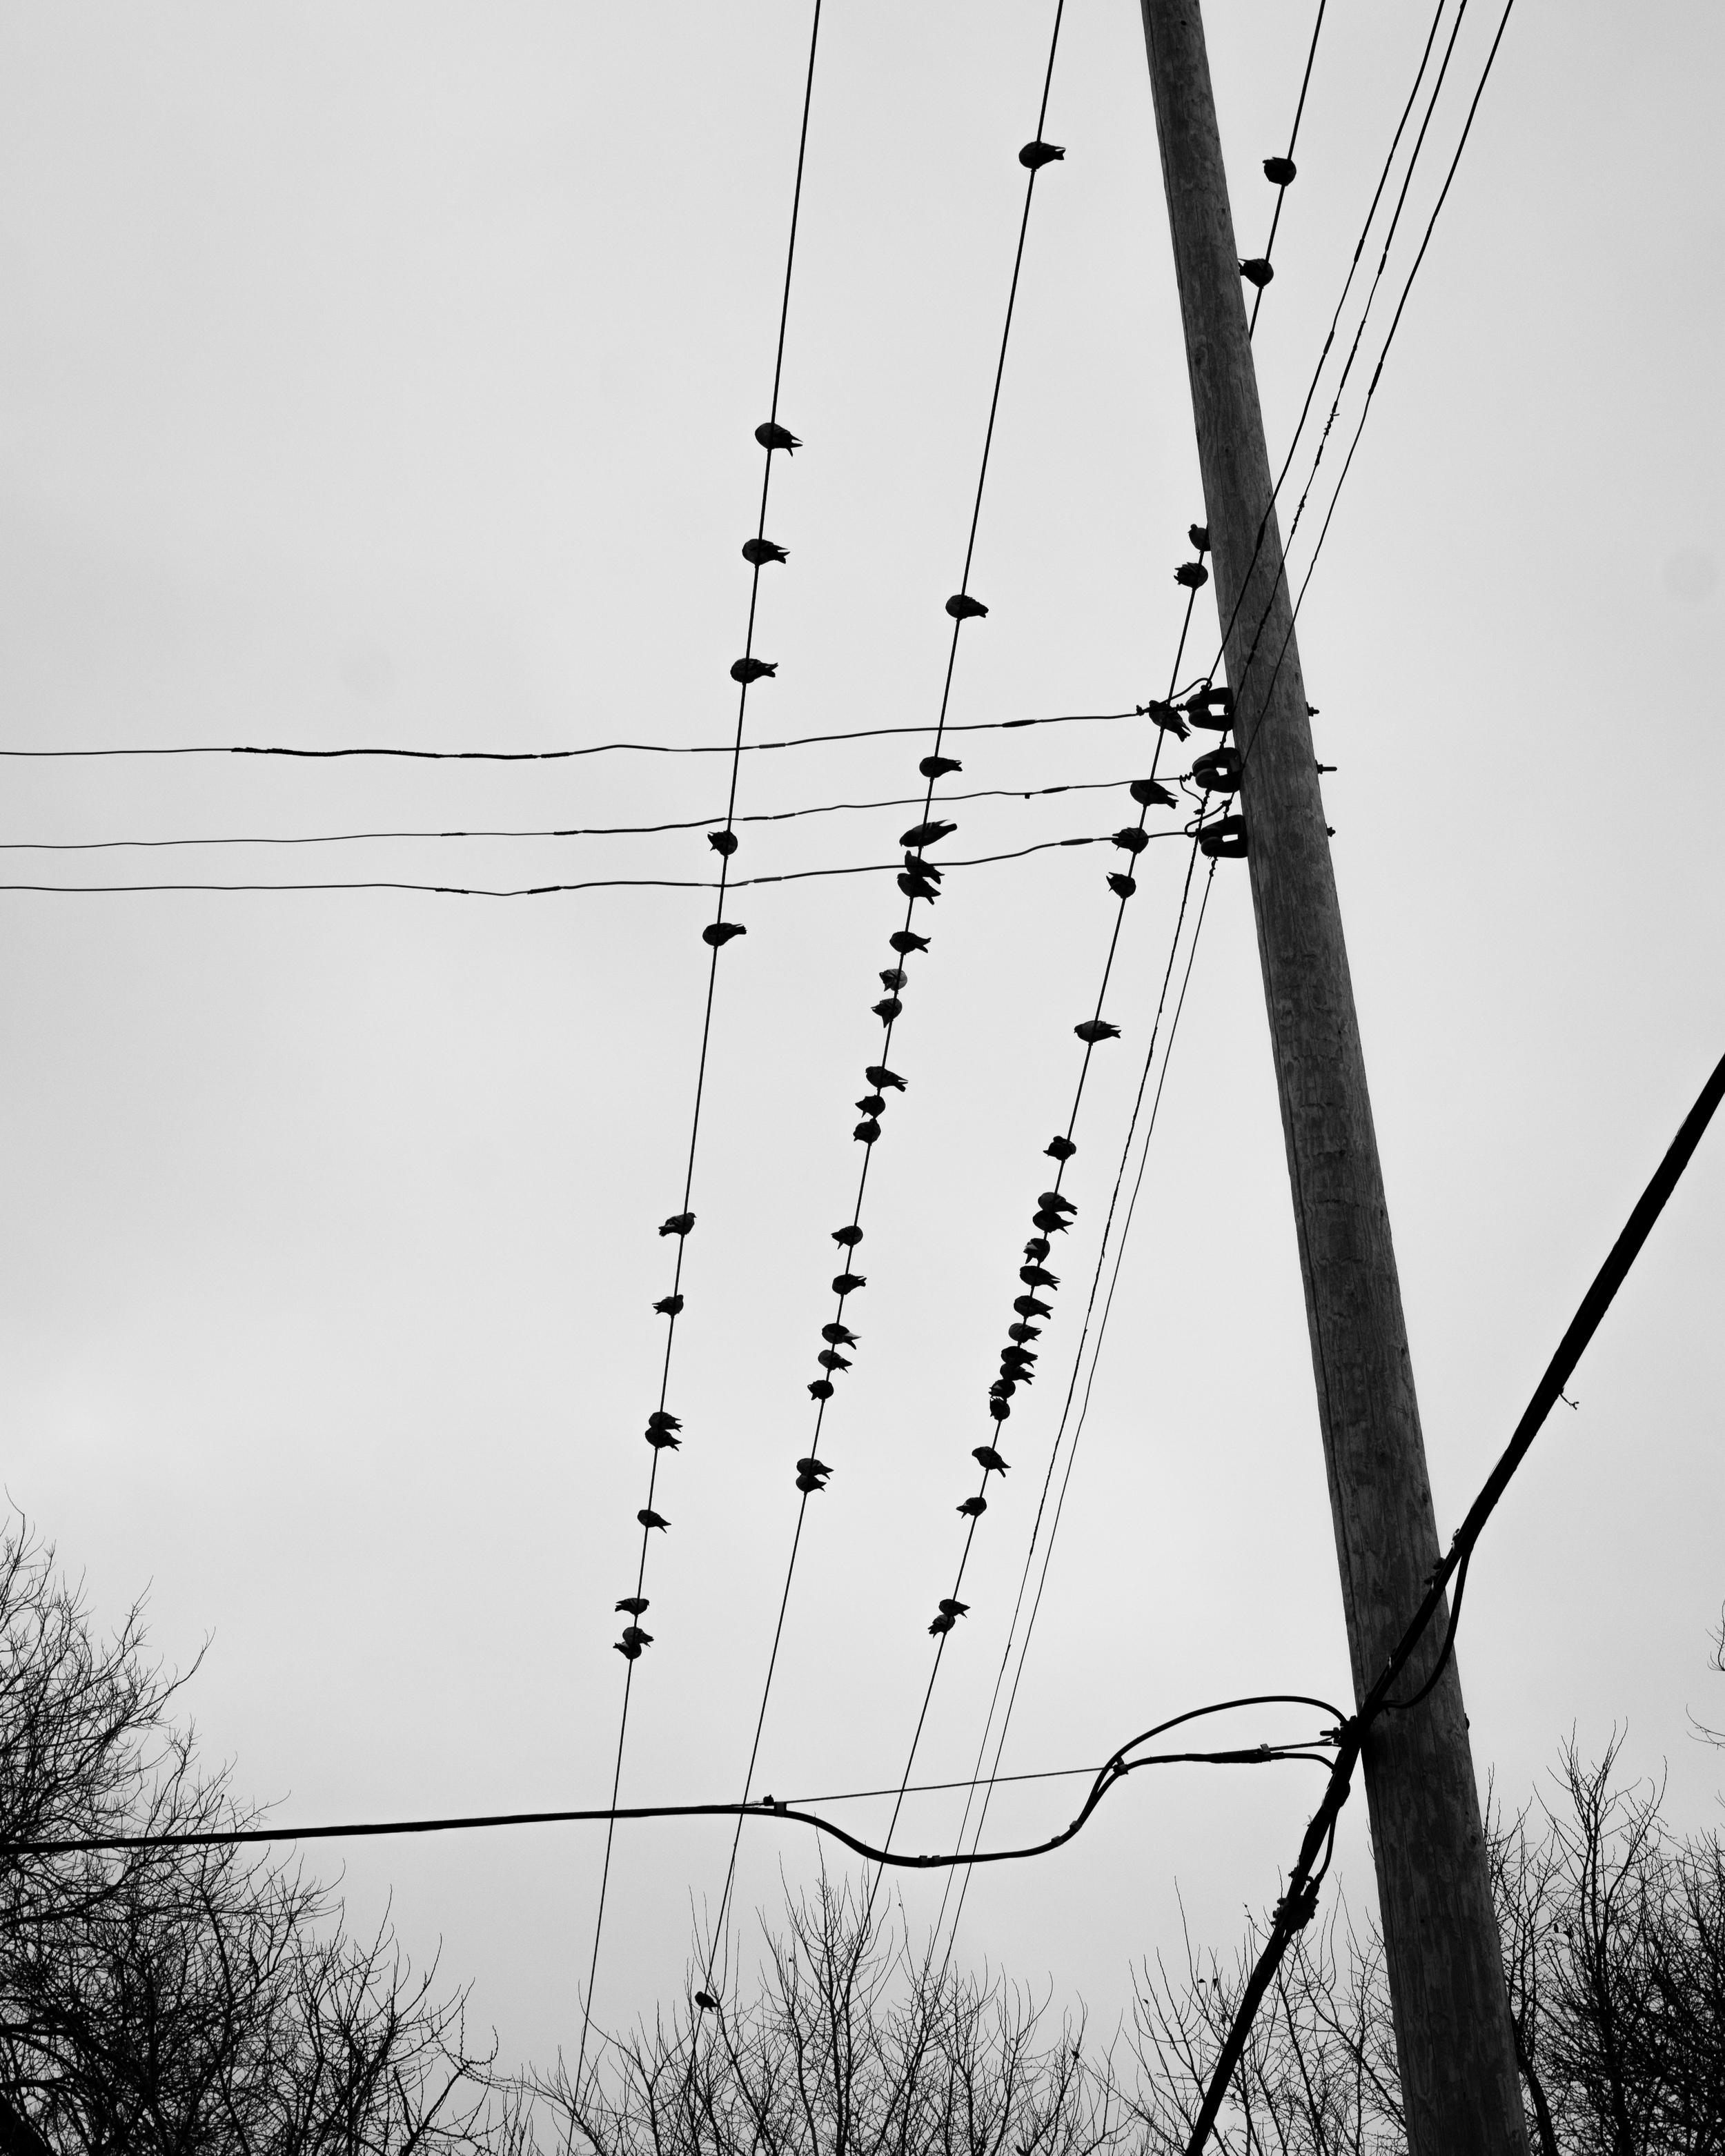 BirdsandWires-1.jpg